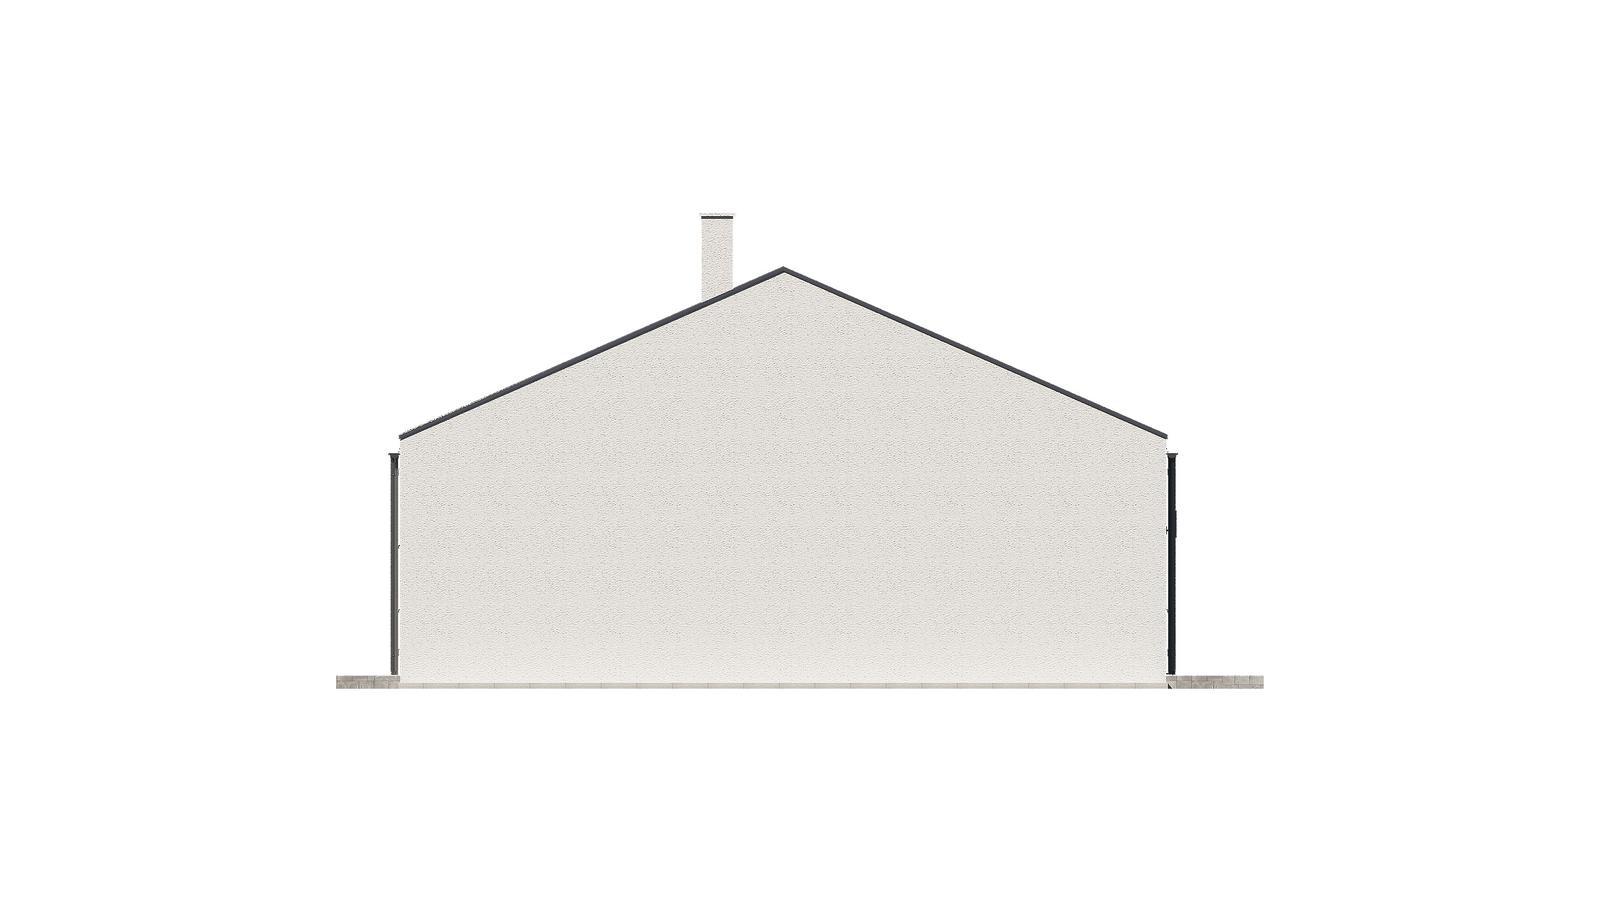 Ďalšie ukážky návrhov domčekov pre Vás - www.rodinny-dom.eu - Obrázok č. 20